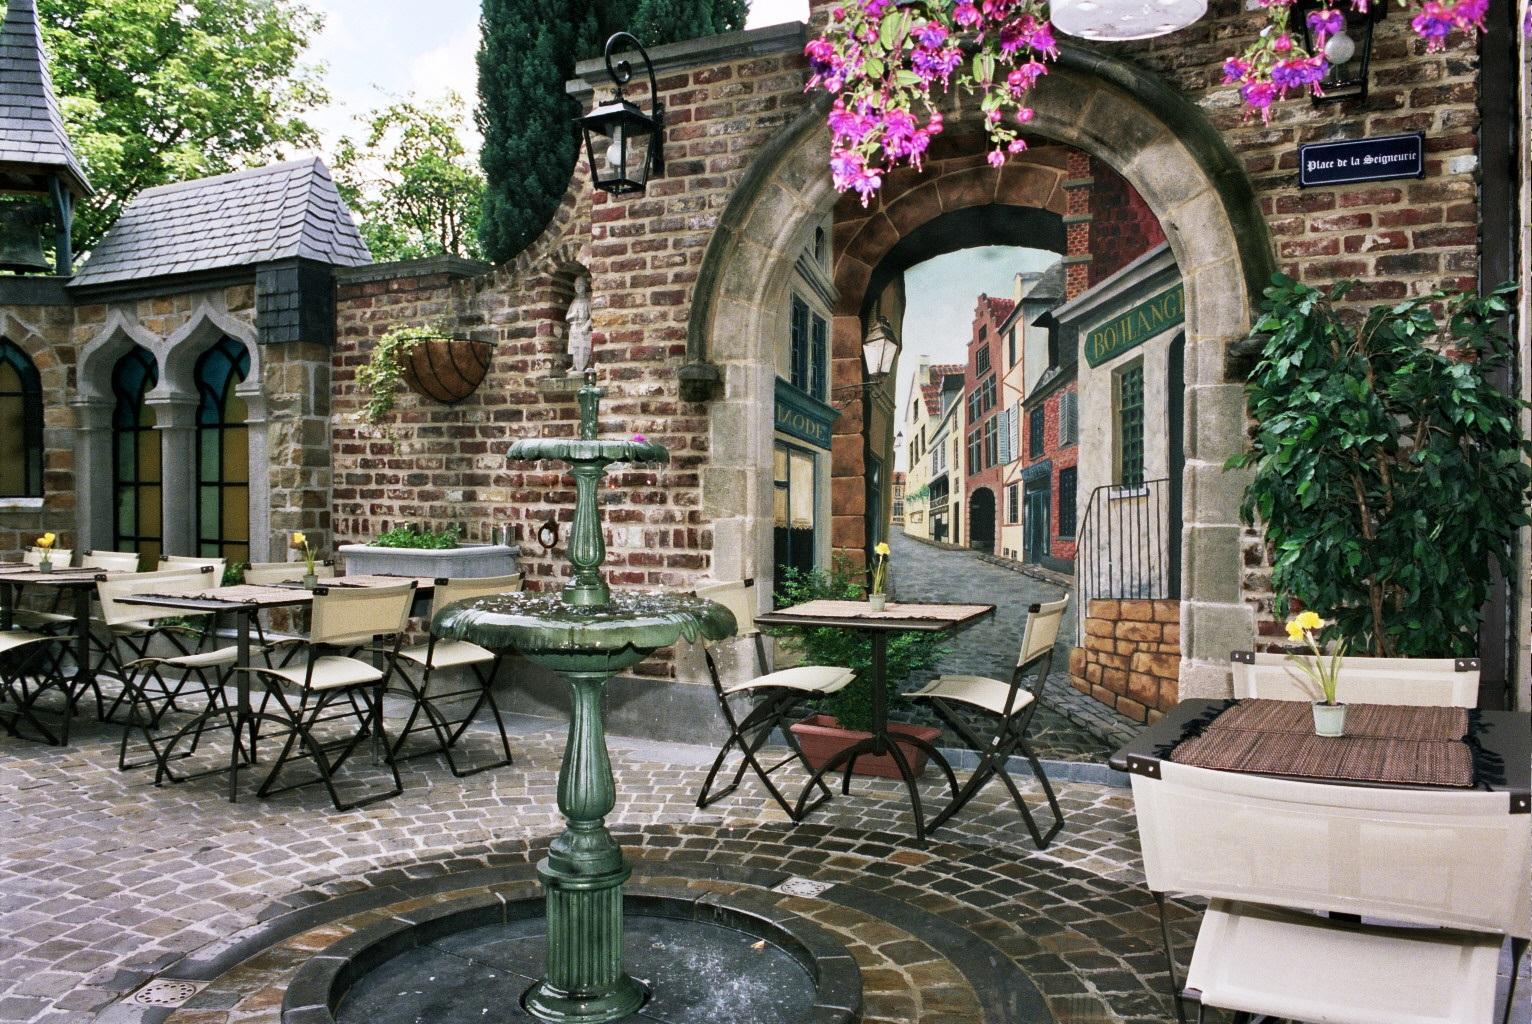 T l chargez une photo for Restaurant cuisine du monde paris